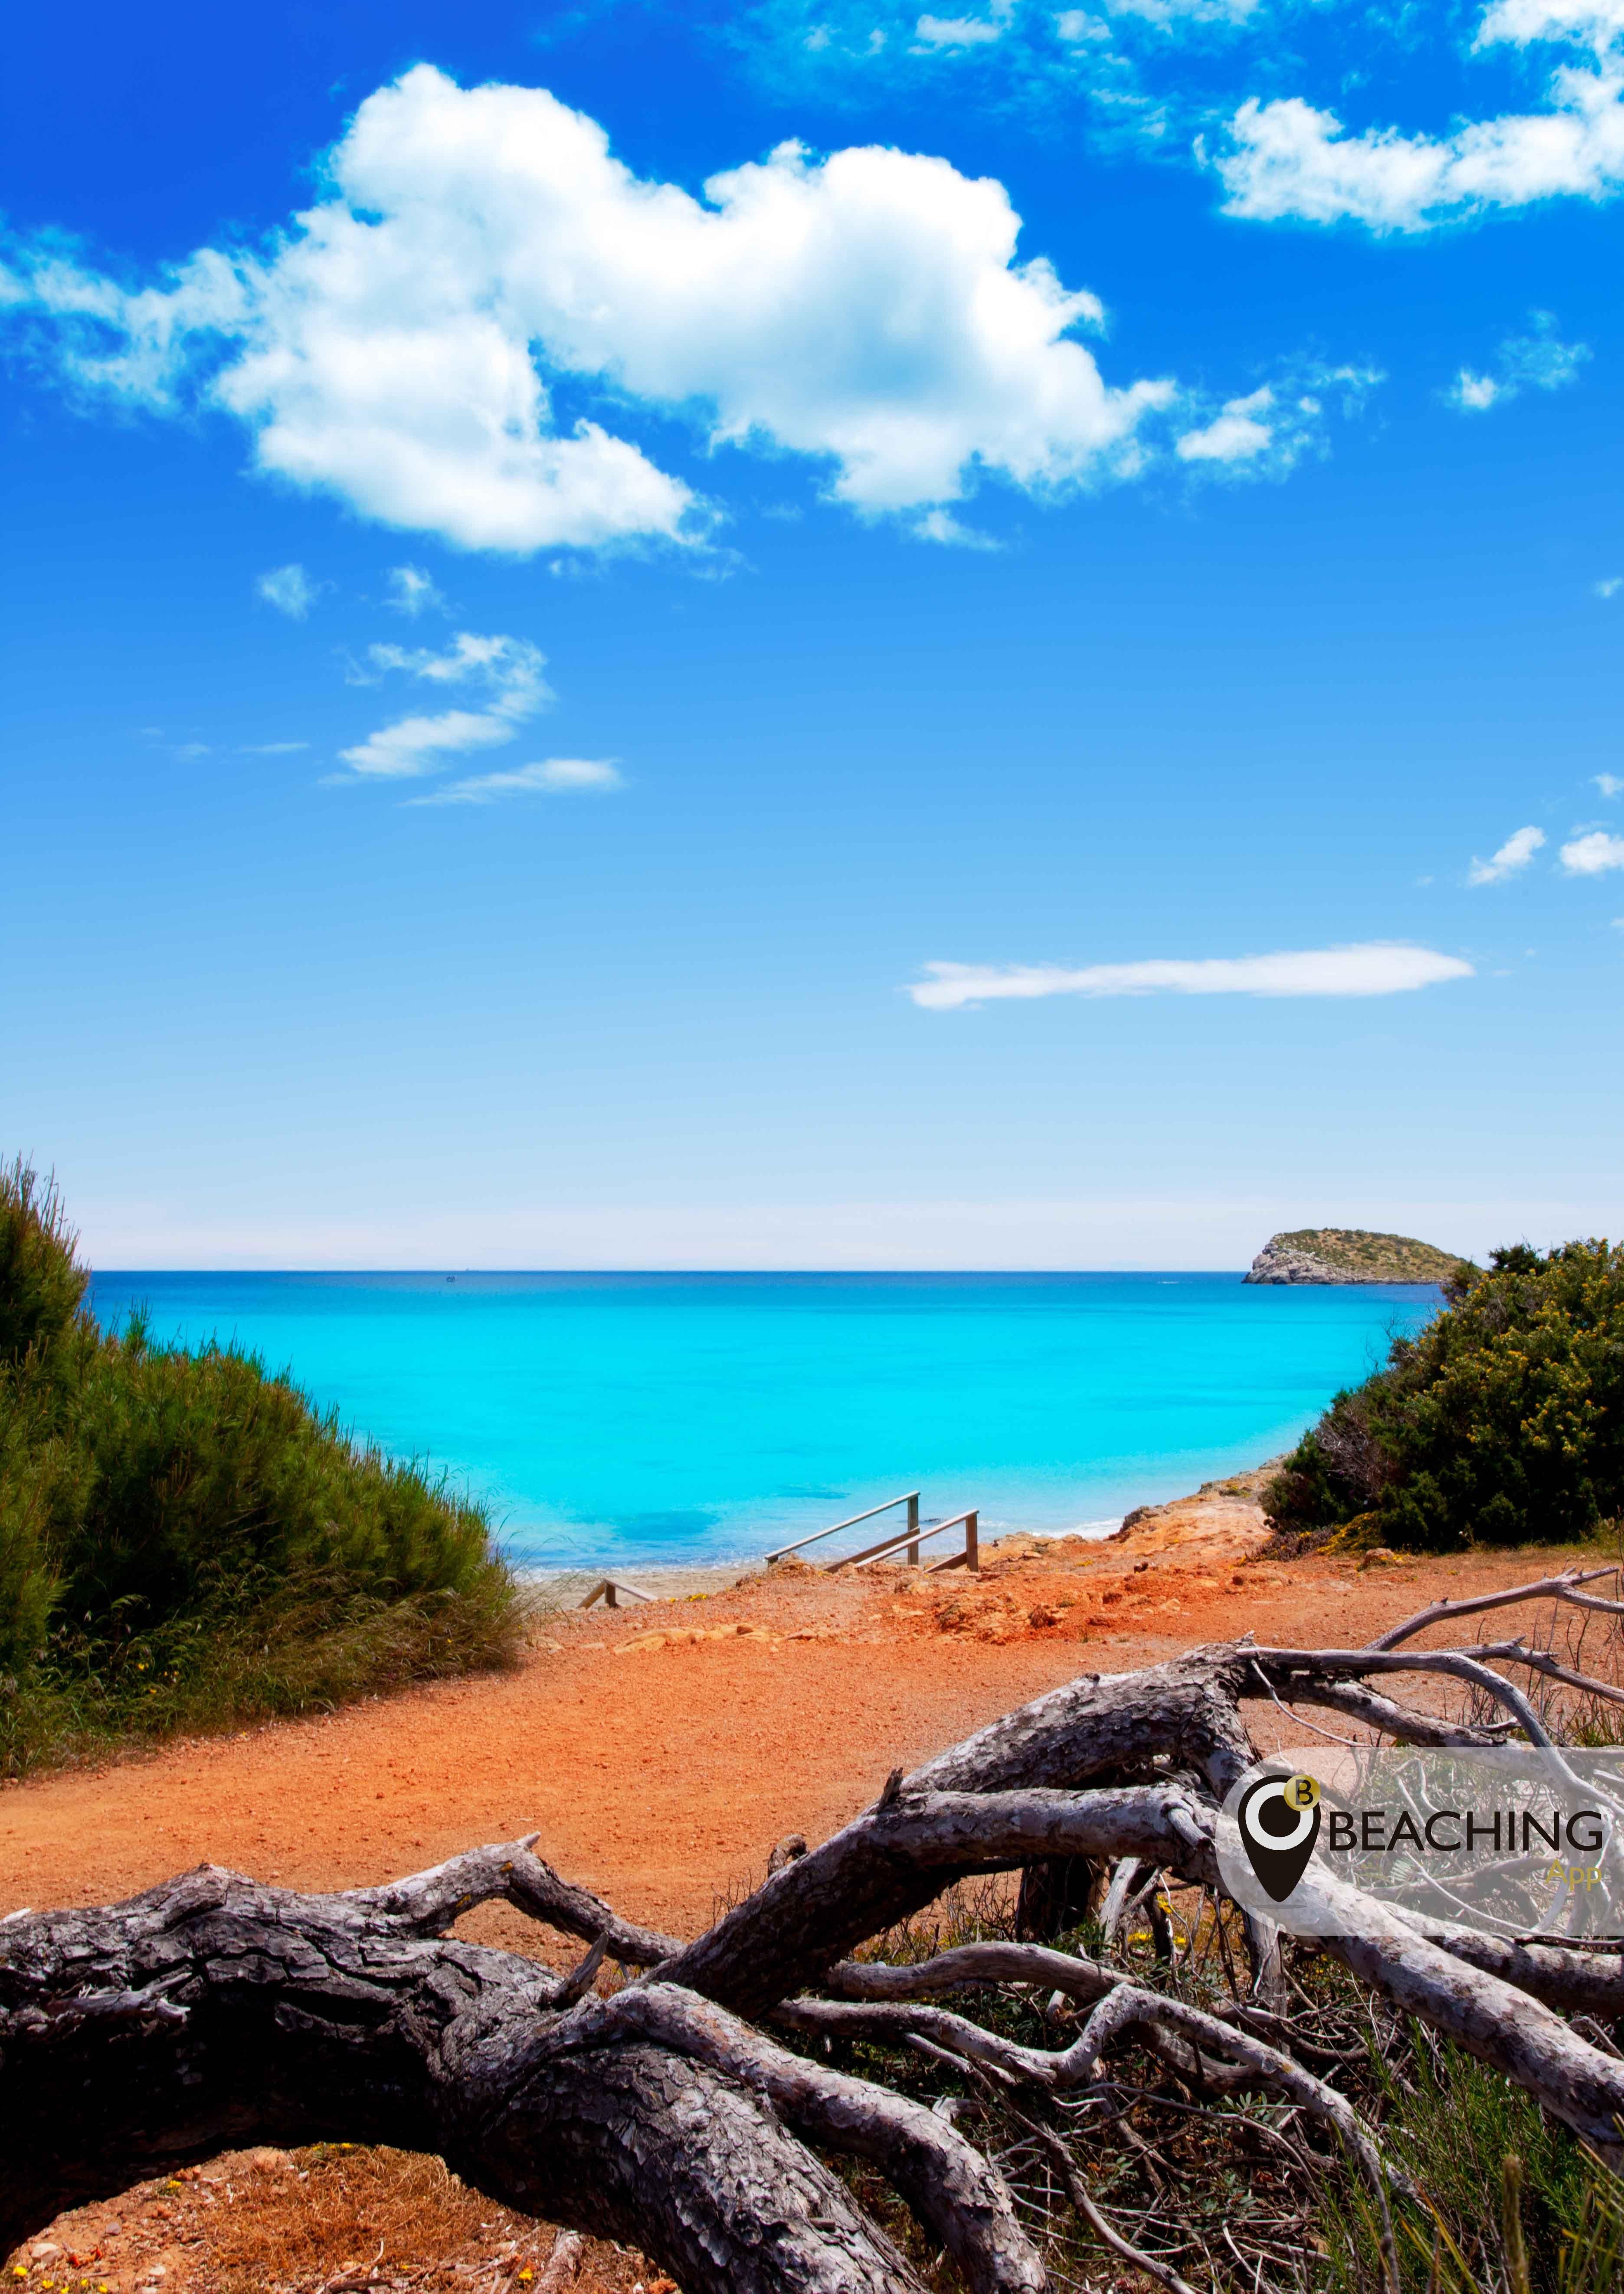 Situada en un lugar privilegiado, a 5 km de Santa Eulalia, la playa de Cala Nova es una playa de arena fina y aguas cristalinas, rodeada de pinares y dunas. Este mordisco de mar hermoso, solitario y virgen se divide en dos calas, en la parte trasera de Cala Nova se halla uno de los mejores campings de Ibiza. Presenta un lecho marino de arena fina, con poca pendiente, un baño seguro y agradable para toda la familia, pero hay que prestar atención en ocasiones al oleaje.